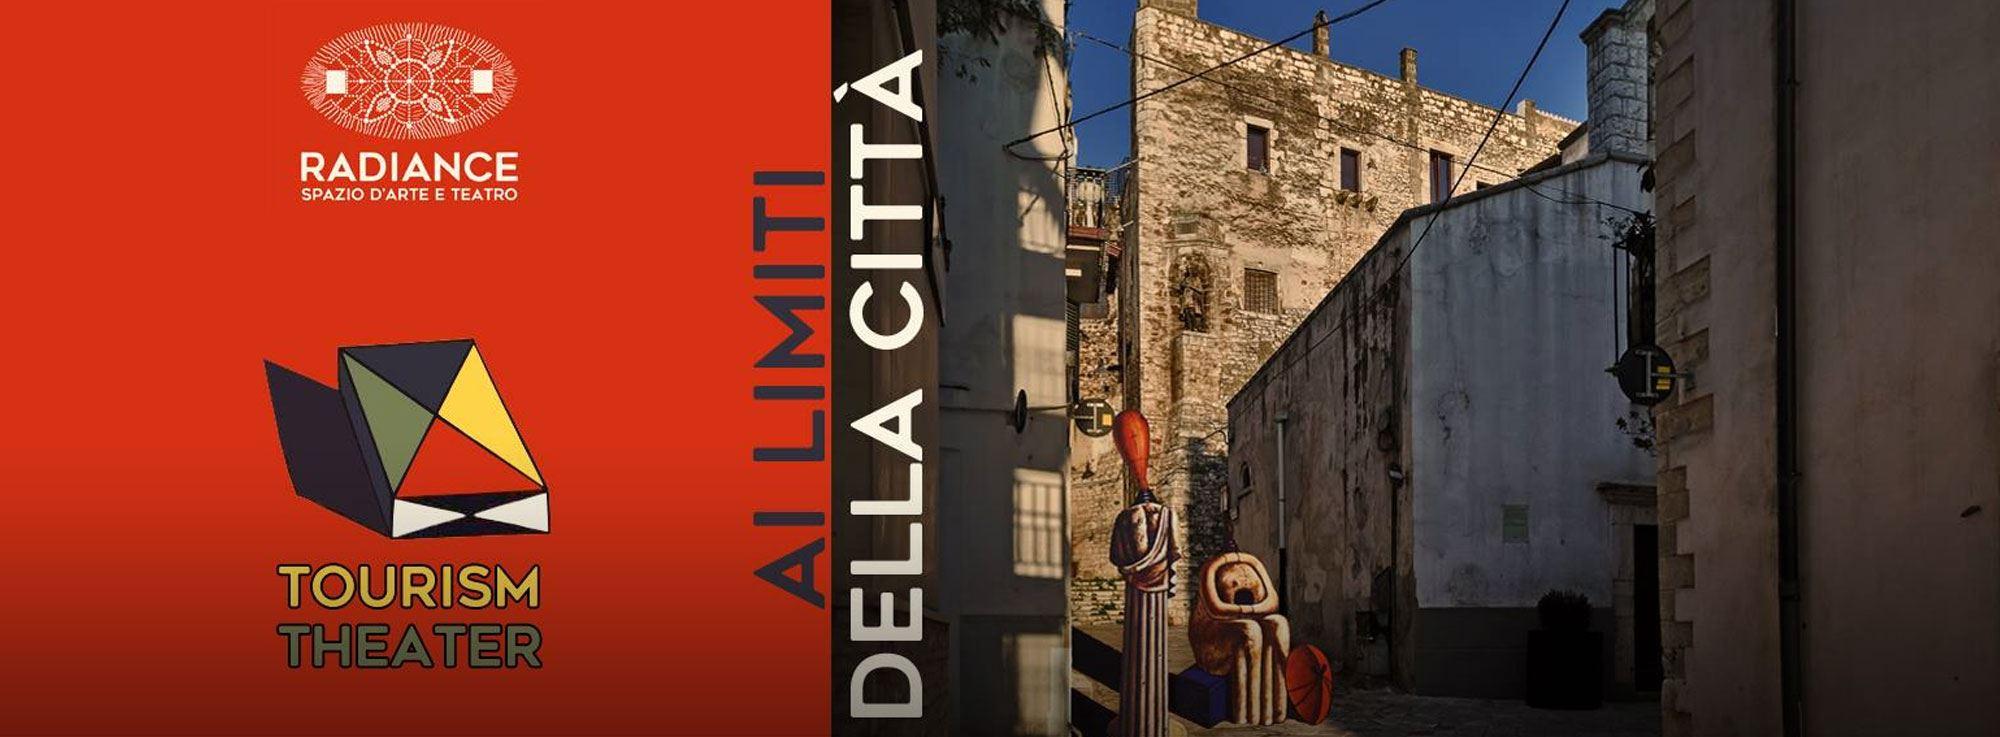 Conversano: Ai Limiti della Città - Tourism Theater